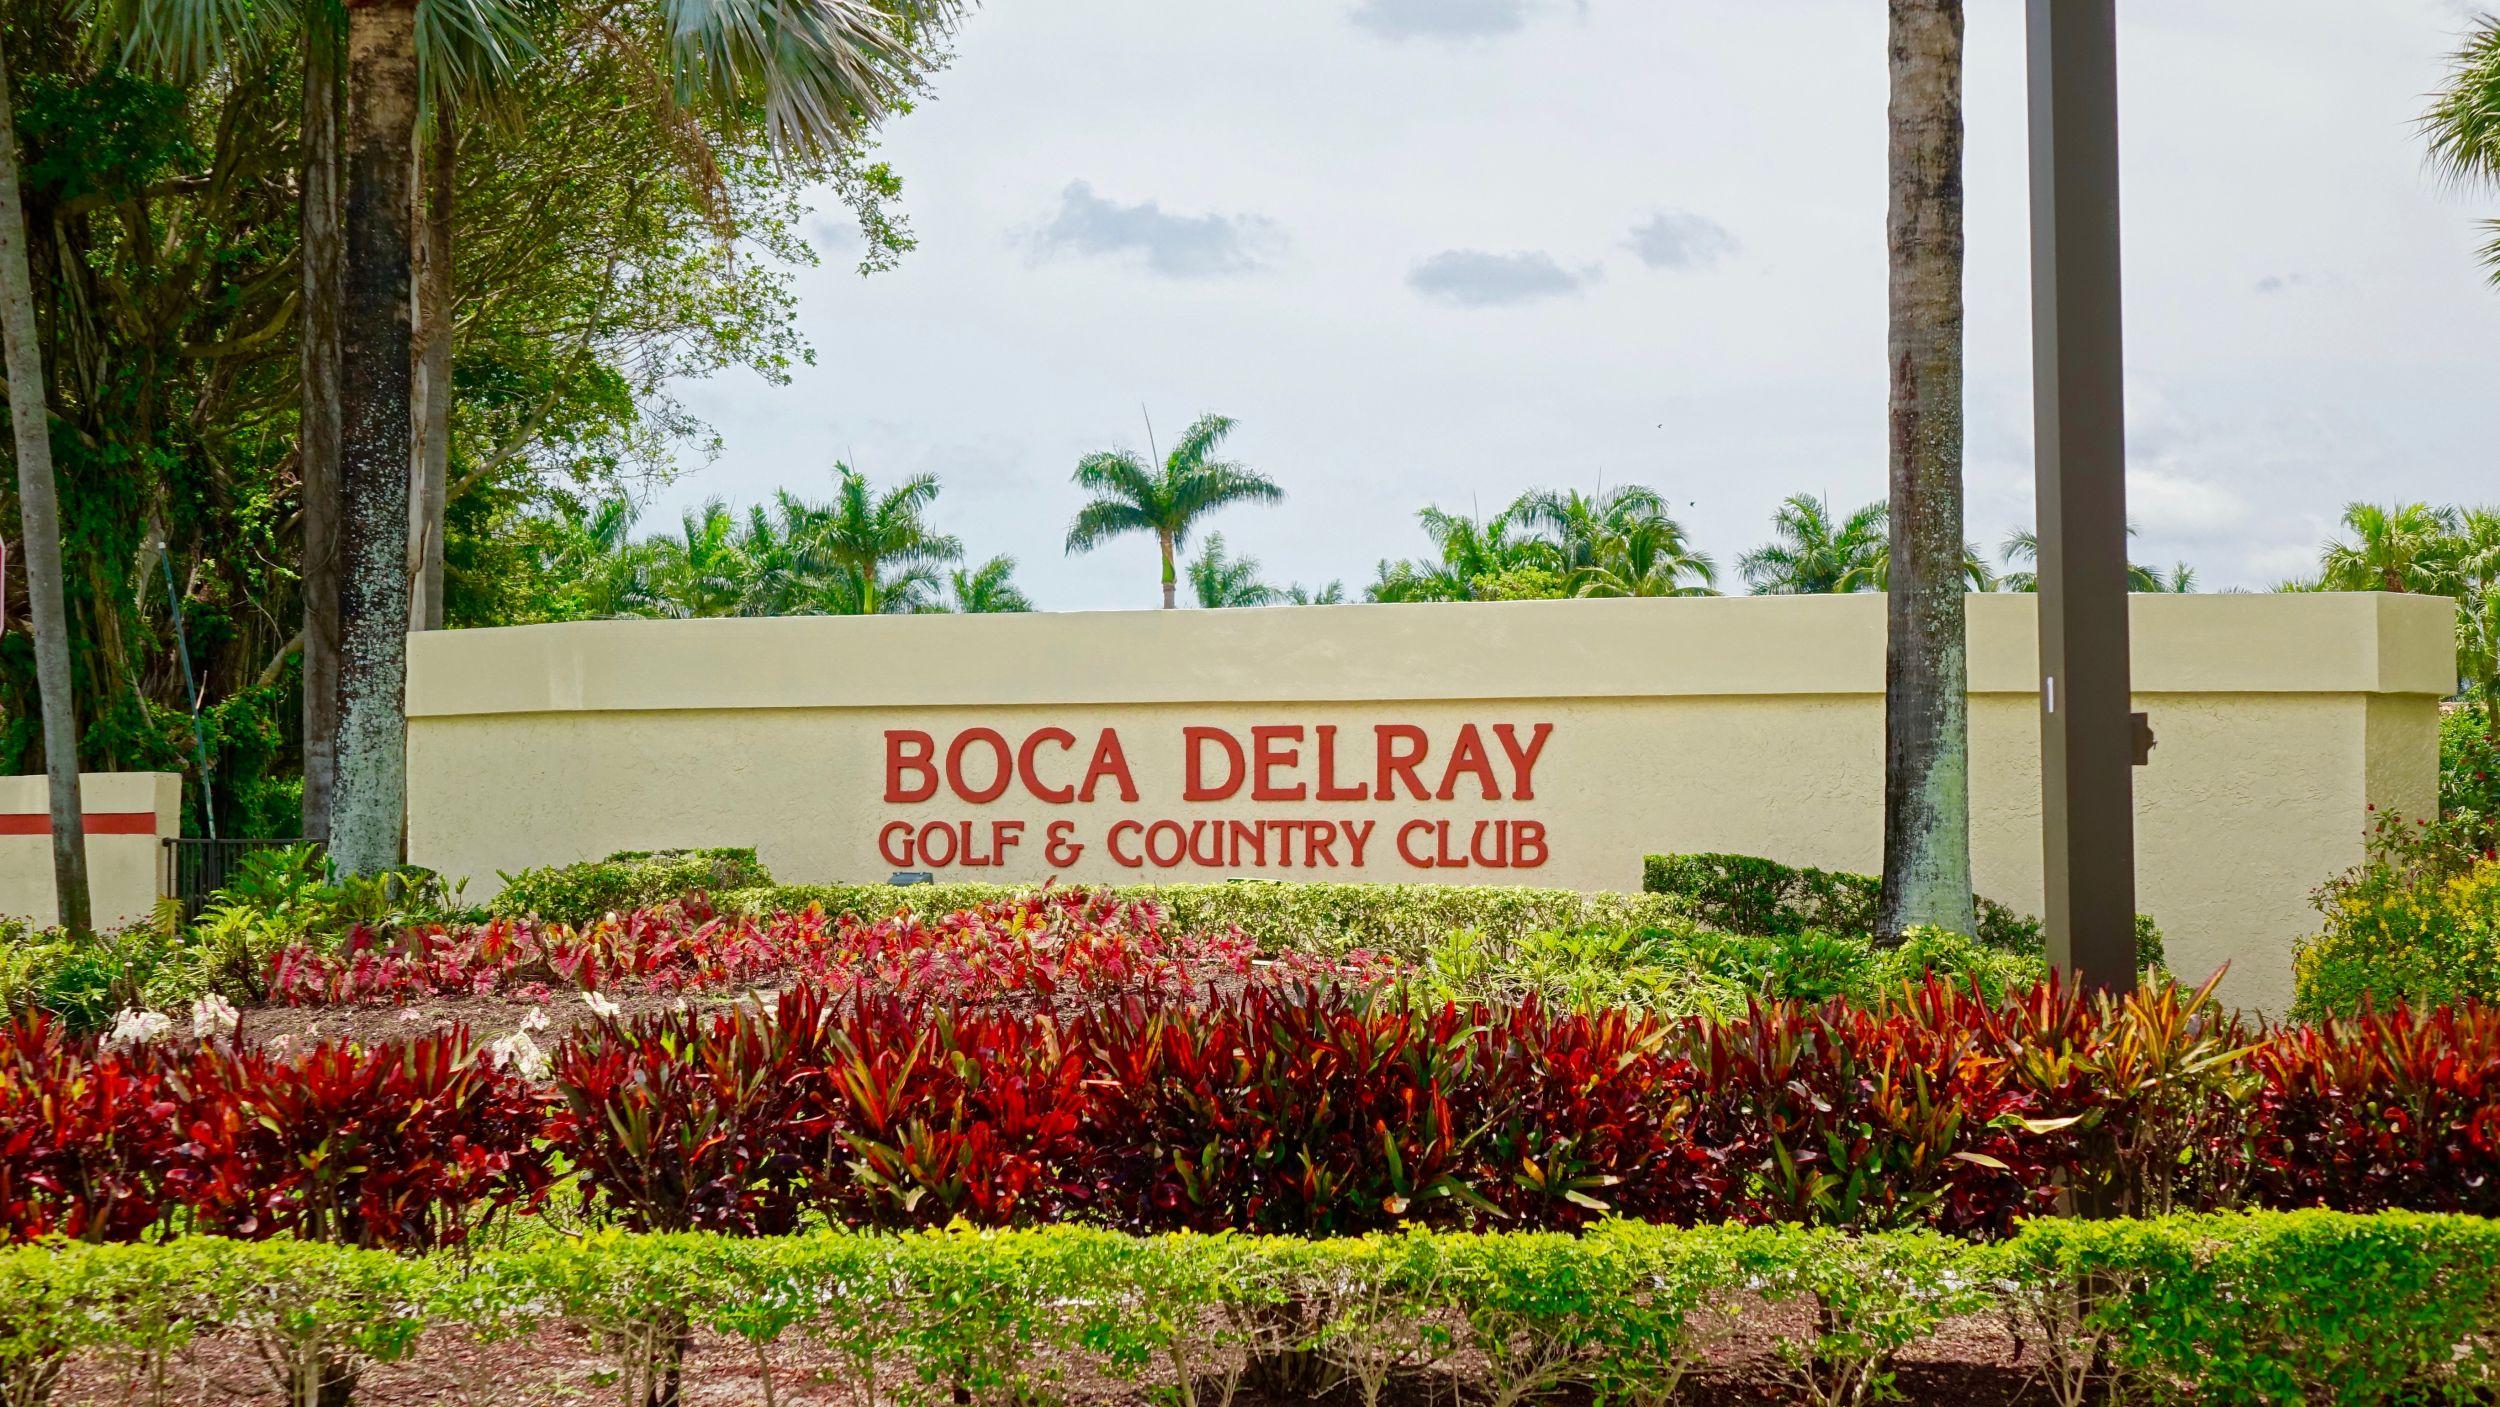 boca delray golf & cc entrance